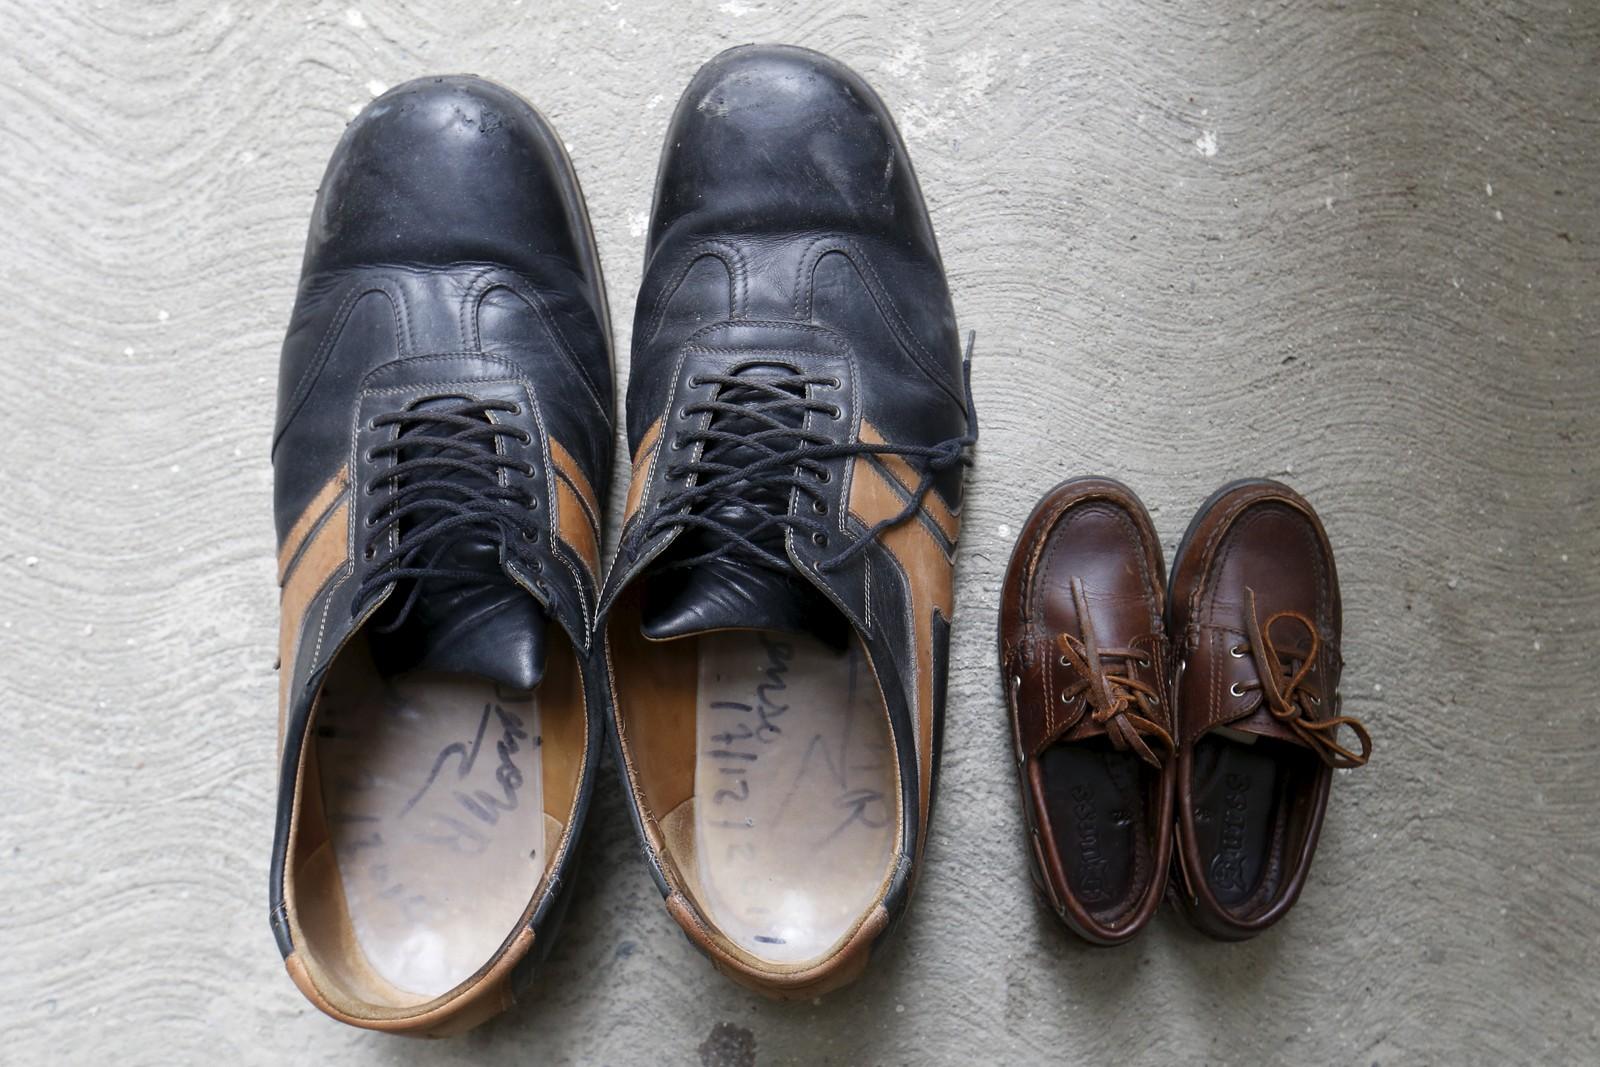 Til venstre står skoene til Jeison Rodriguez (20). Mannen fra Venezuela har trolig de største føttene i verden. Høyrefoten er 40,1 cm og venstrefoten 39,6 cm. Nevøens sko står ved siden av, men det står ikke hvilken størrelse disse er. Til sammenligning tilsvarer størrelse 40 24,5 cm og størrelse 48,5 tilsvarer 29,2 cm.